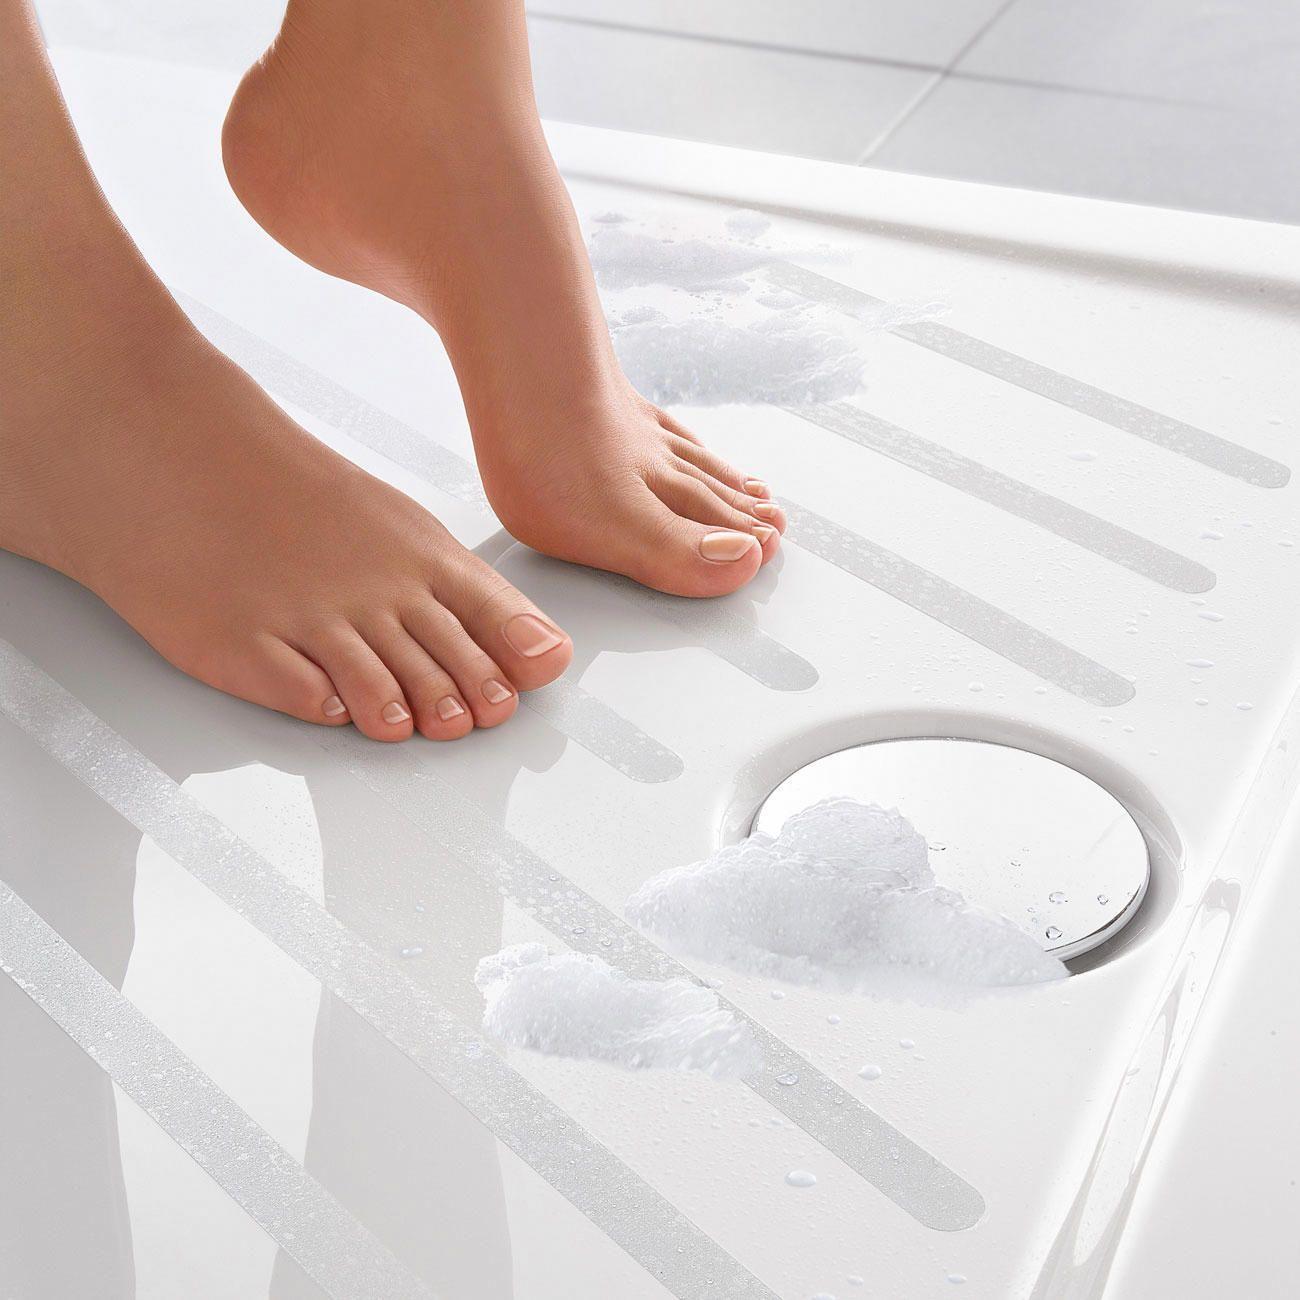 Satho Rutschschutz Streifen 10er Set Mit Bildern Badewanne Dusche Badewanne Mit Dusche